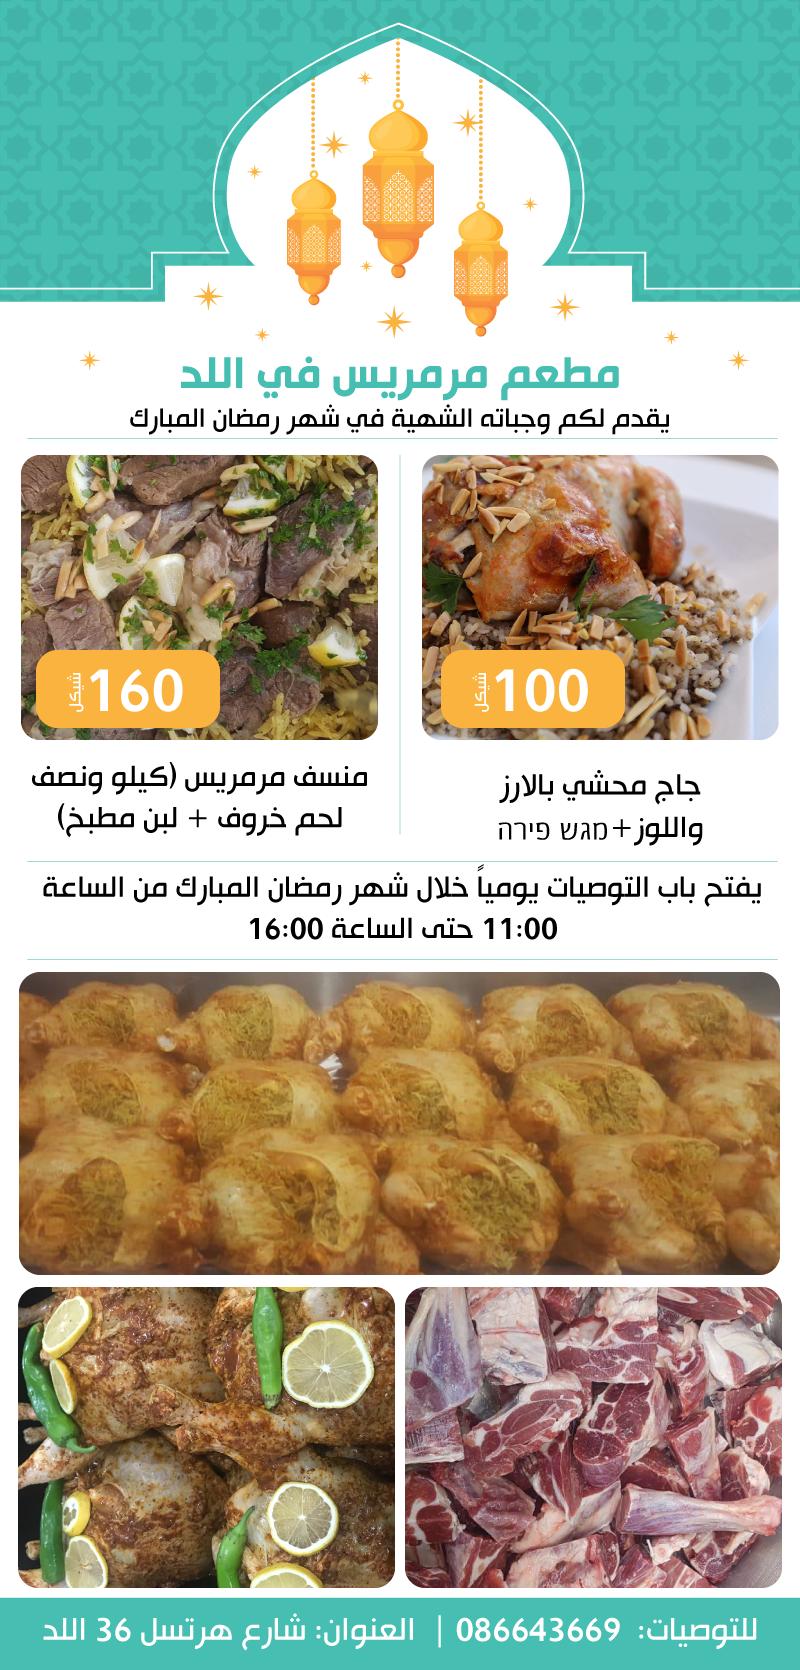 للطعم حكاية - مطعم مرميس في اللد ووجباته الشهية للتوصية في رمضان